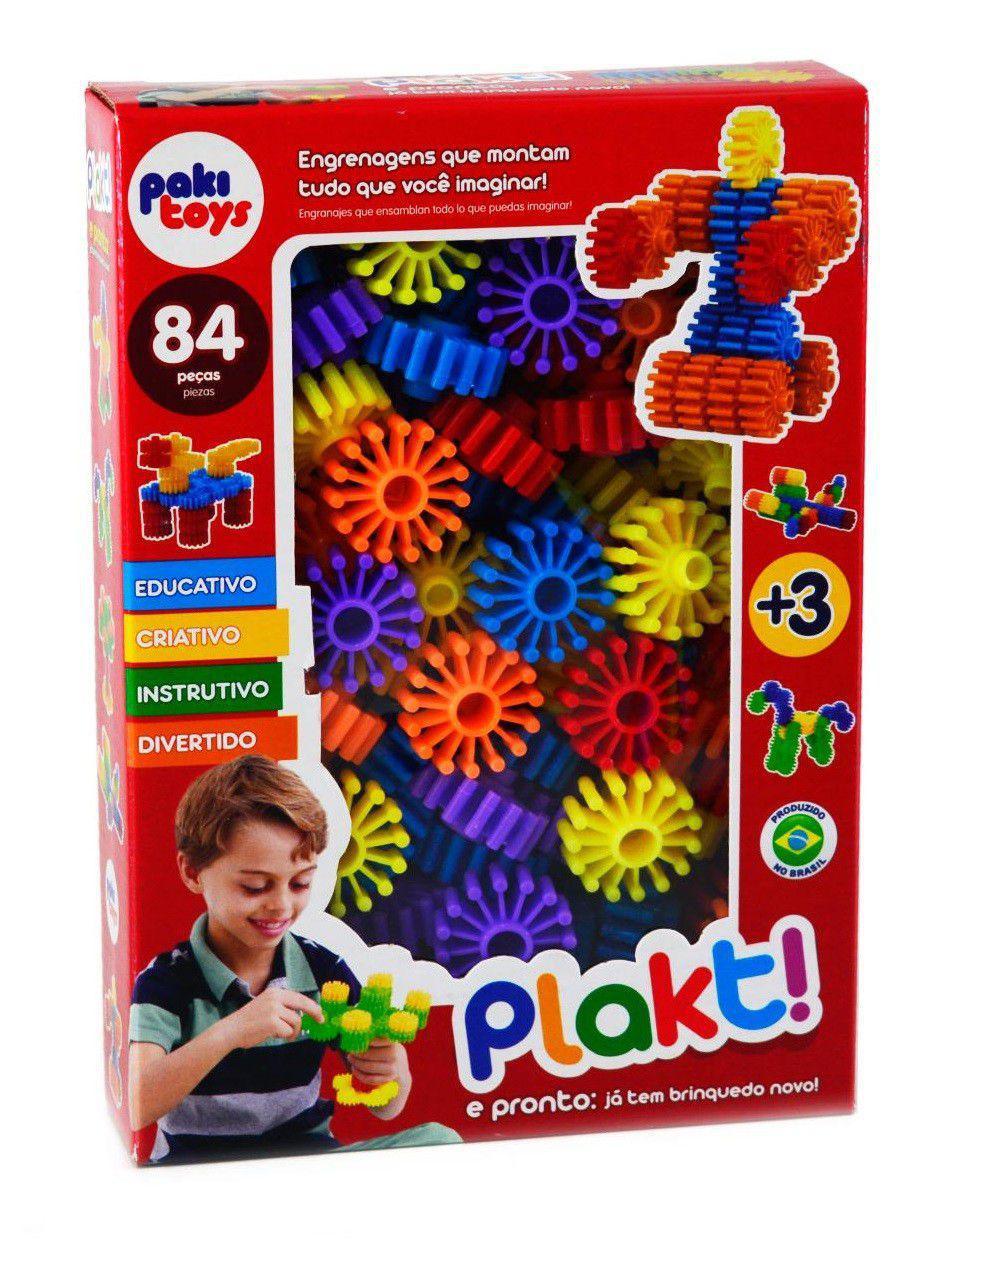 Plaskt ! Kit com 84 Peças de Engrenagens Tipo Bloco para Montar